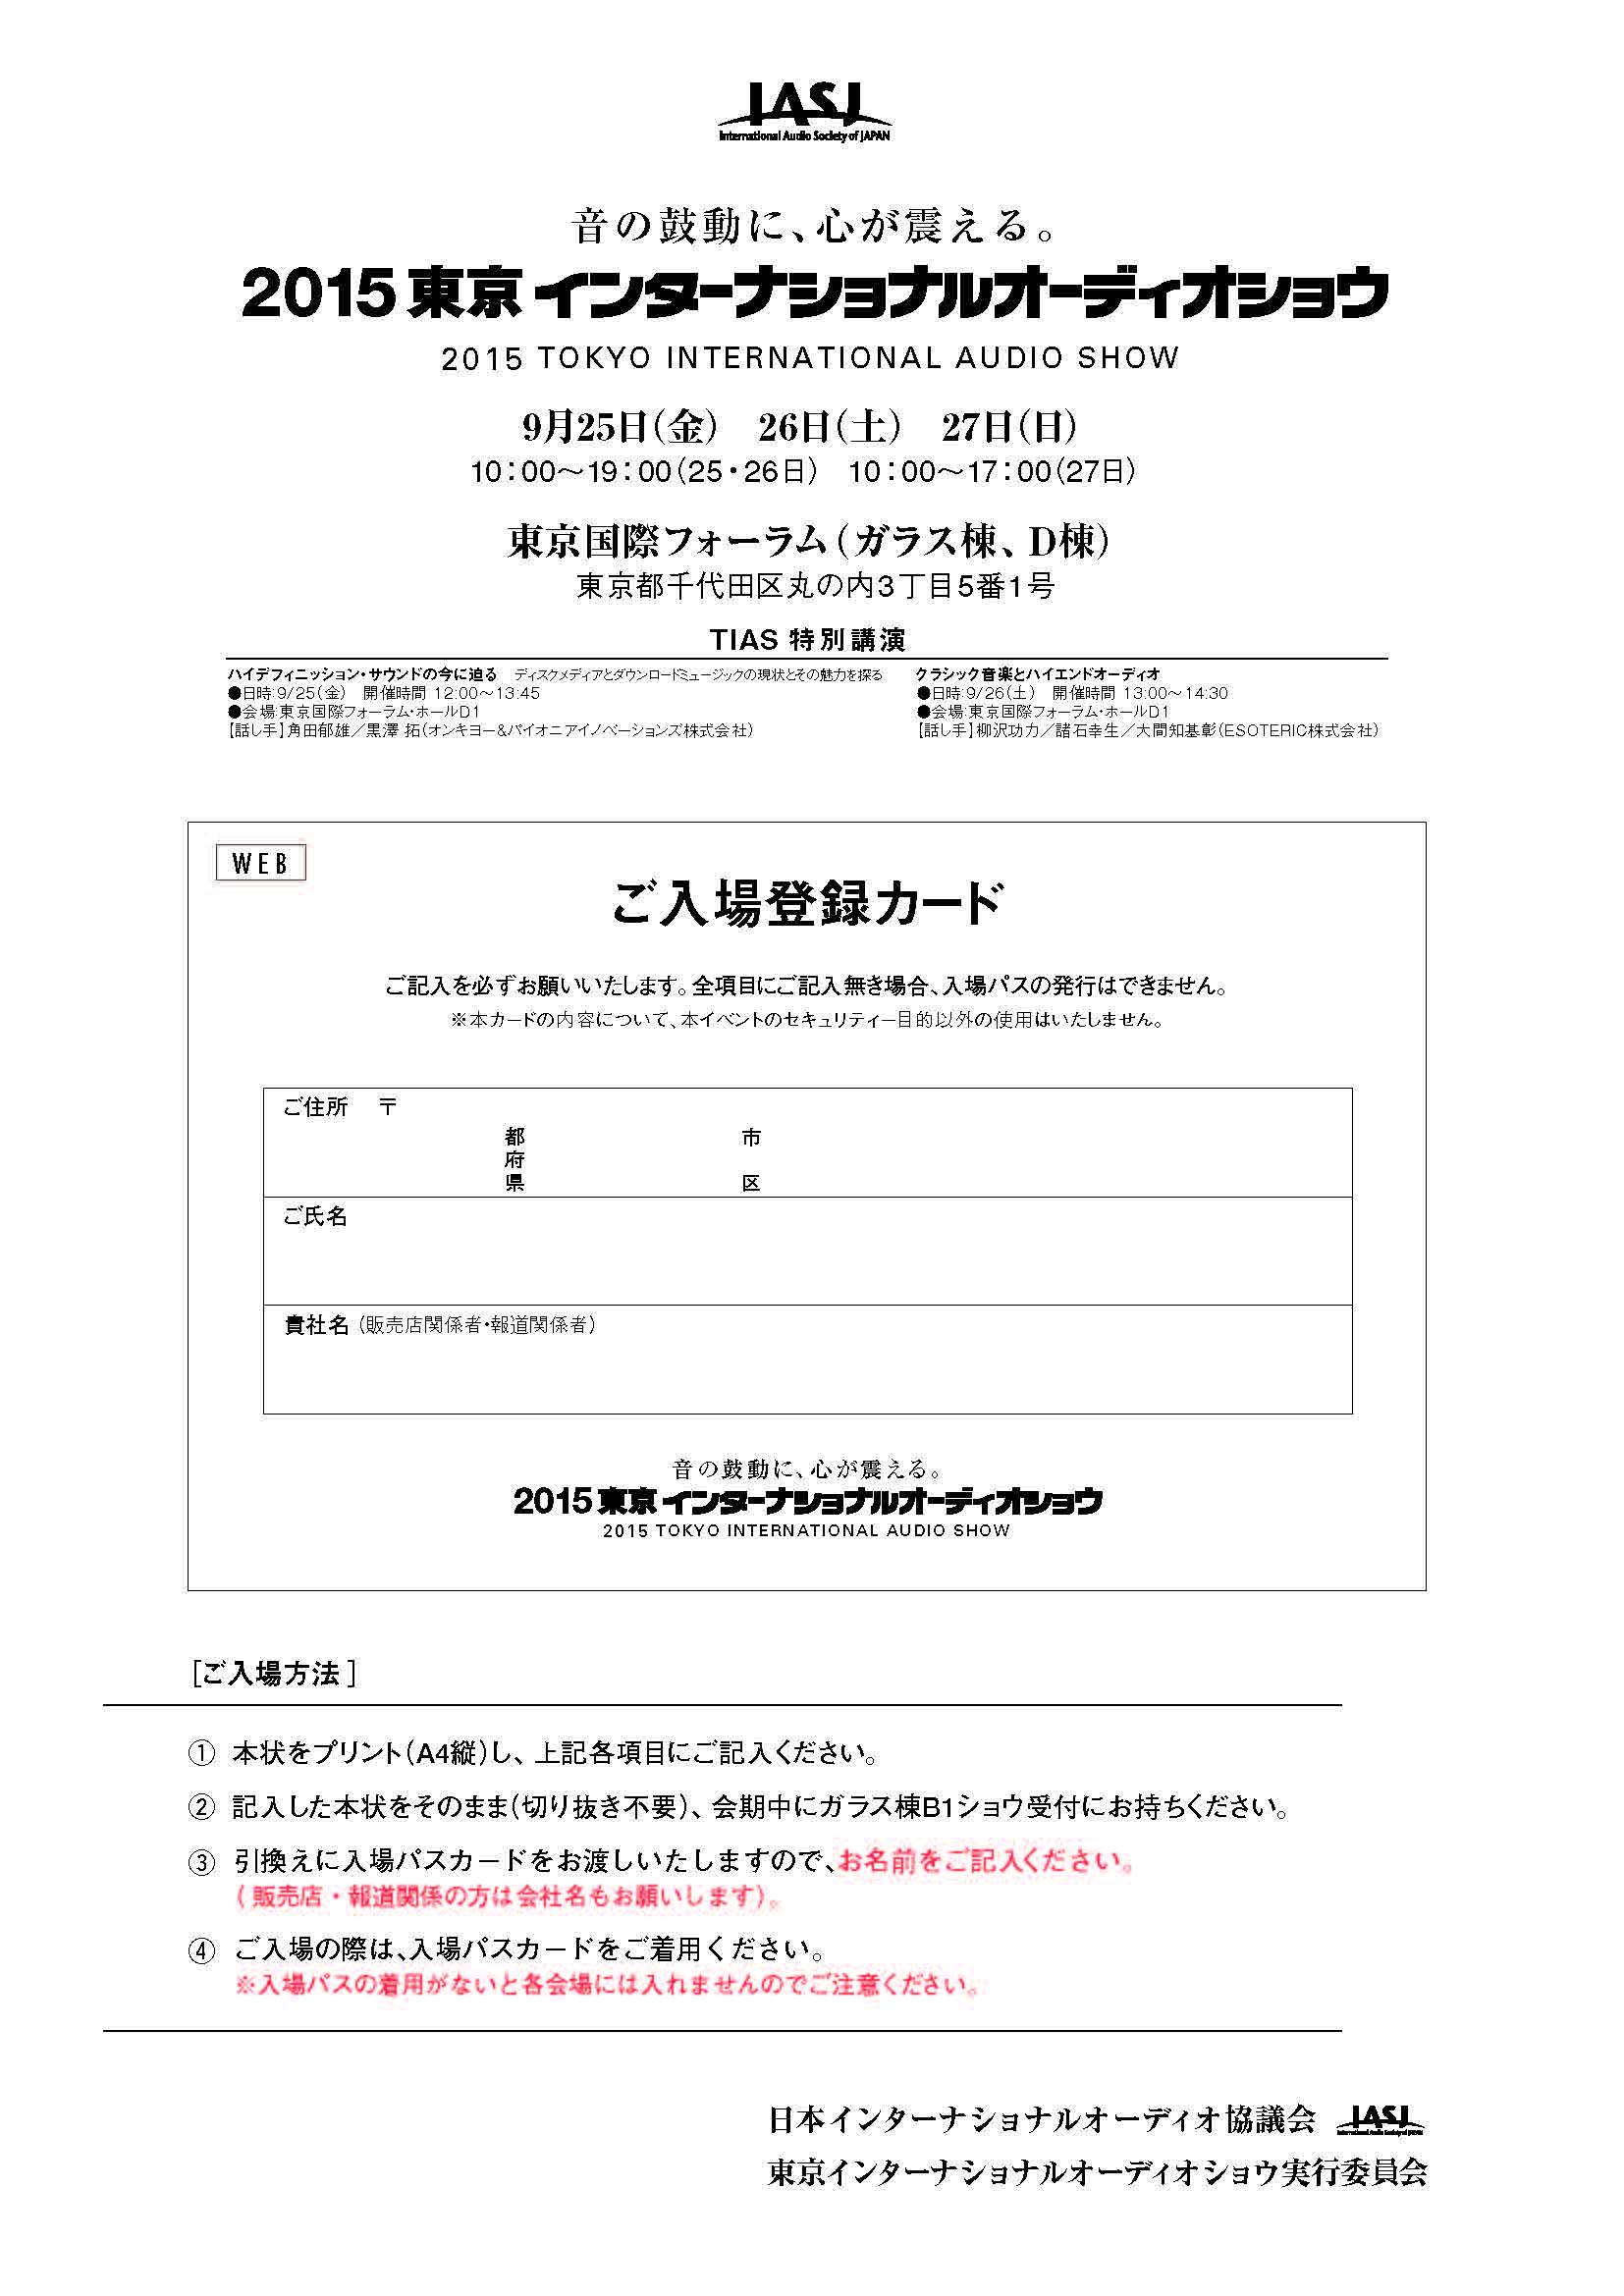 2015東京インターナショナルオーディオショウご入場登録カード